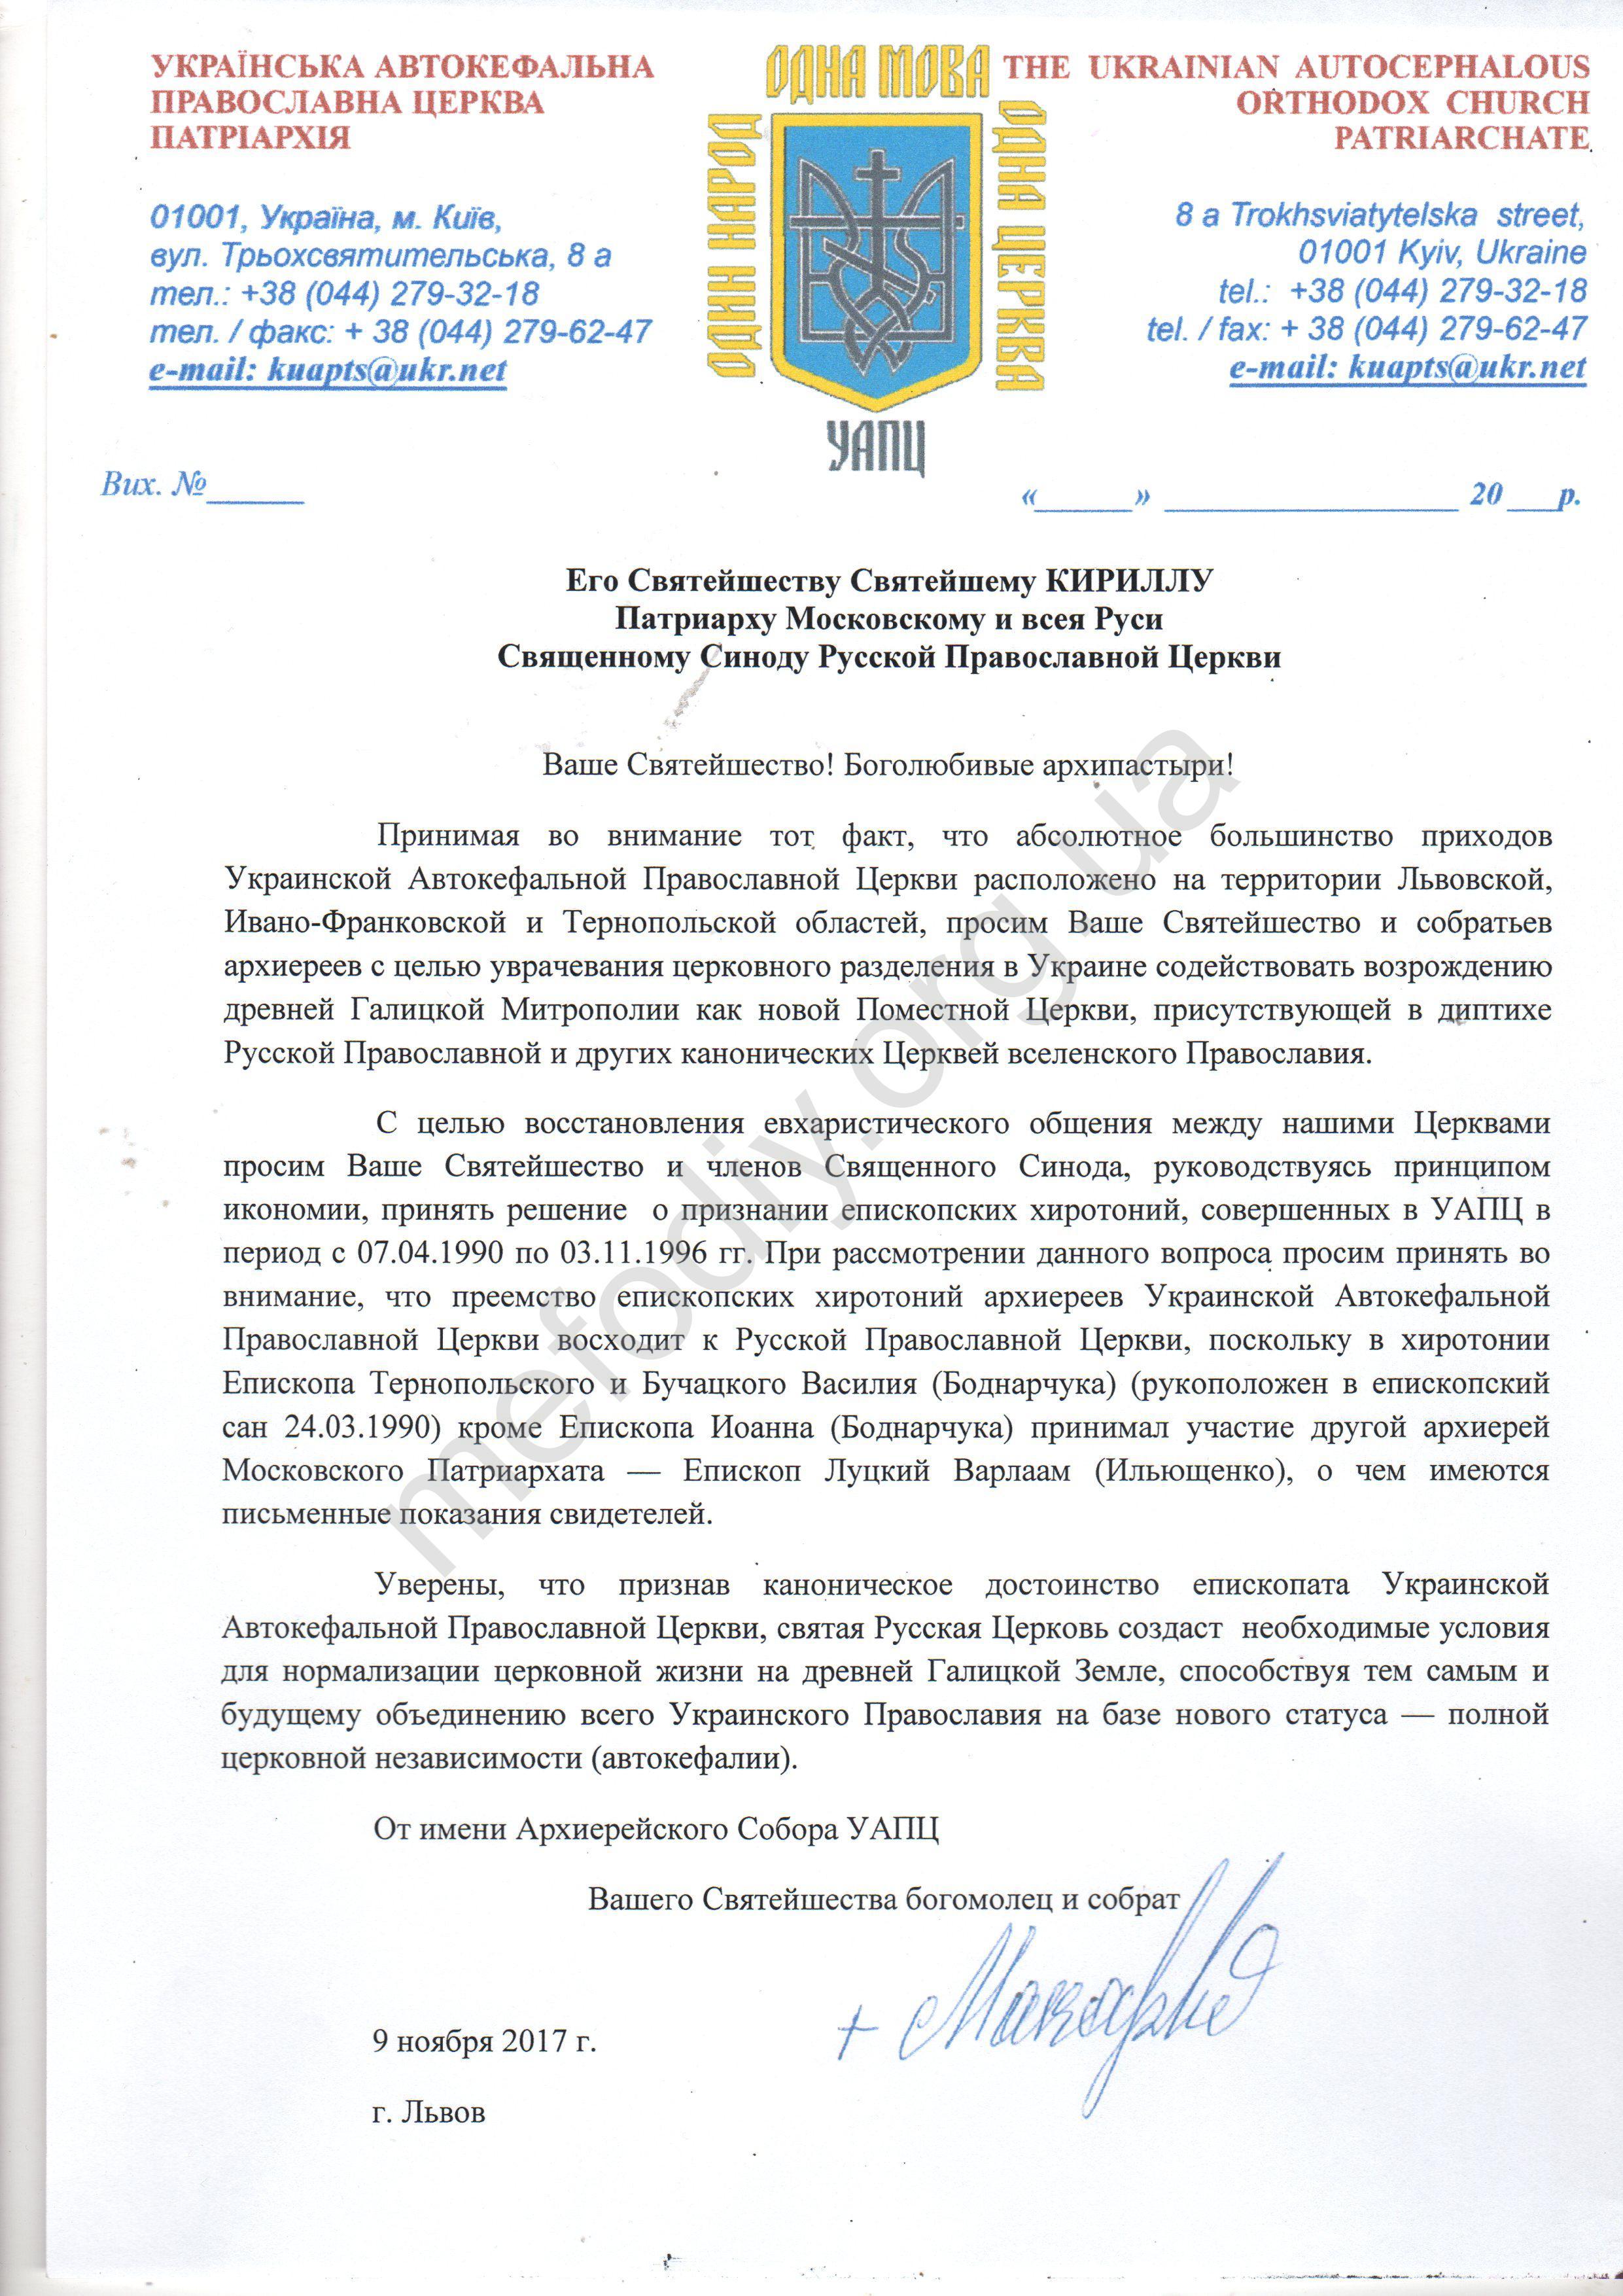 УАПЦ спростувала існування листа до керівництва РПЦ з проханням про канонічне визнання